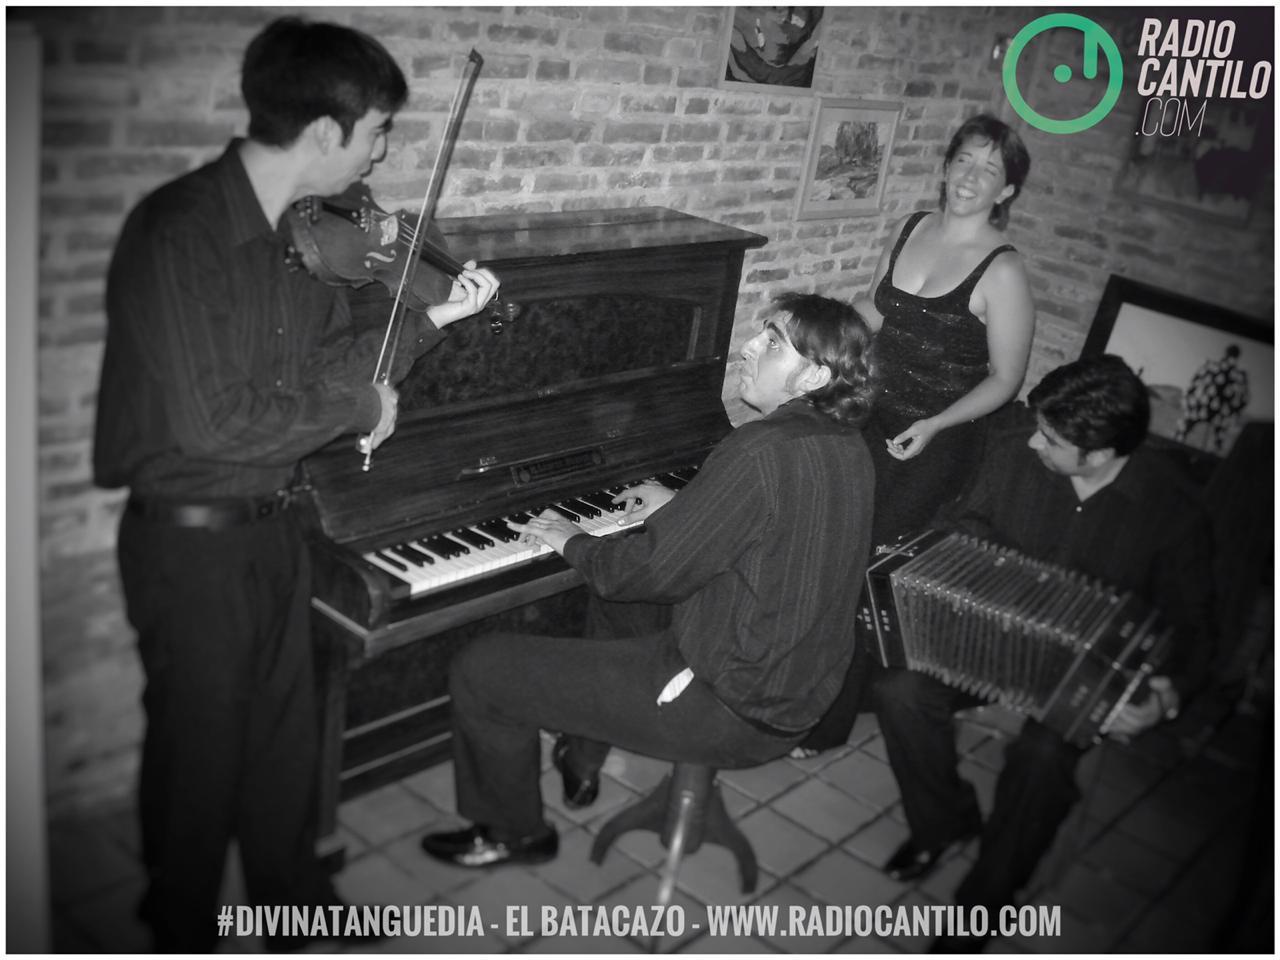 Los domingos son de Divina Tanguedia - Radio Cantilo